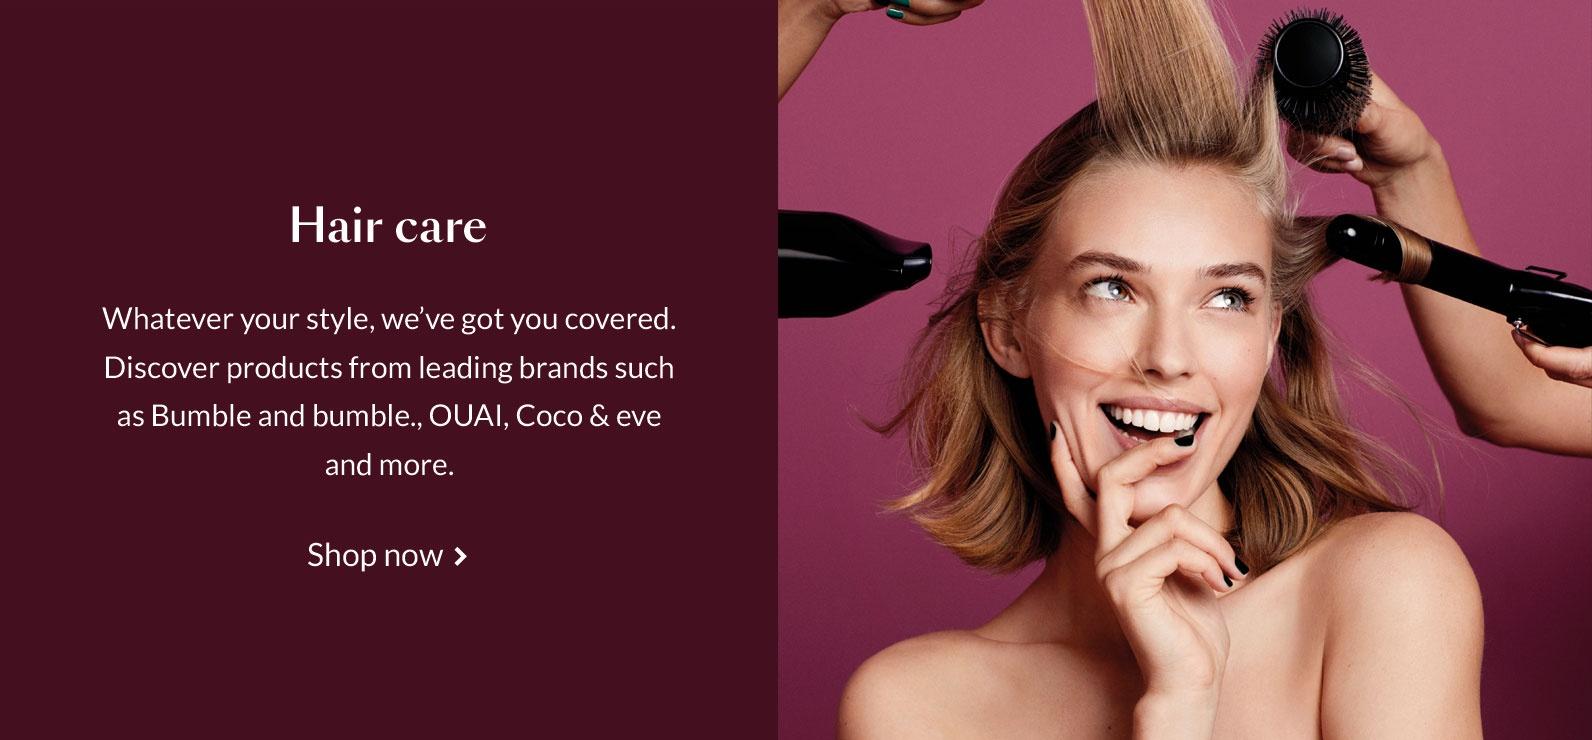 haircare | debenhams